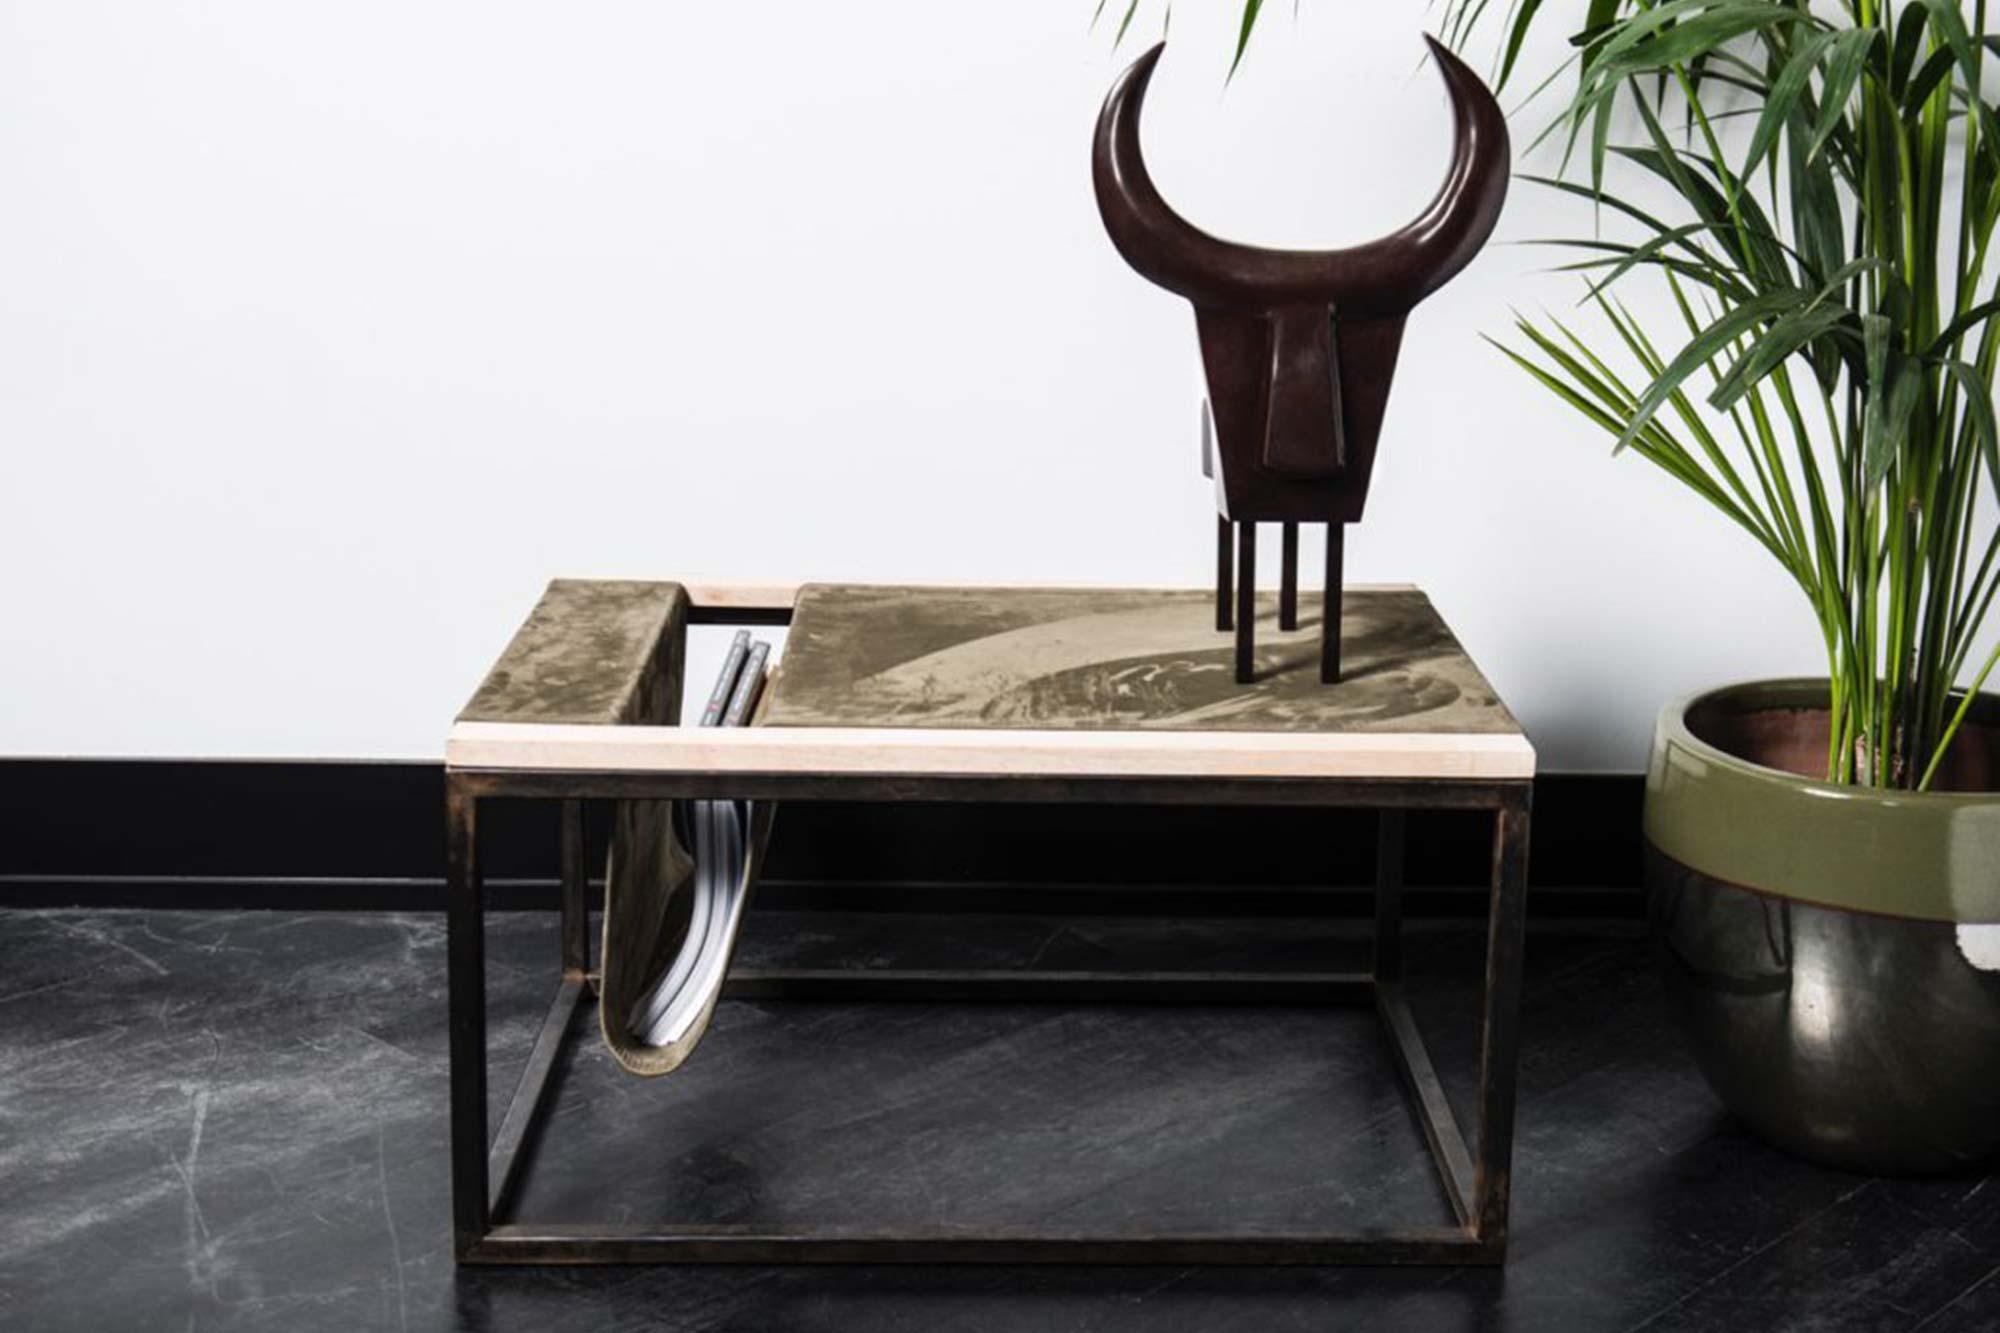 Table Basse à journaux, métal, bois & daim